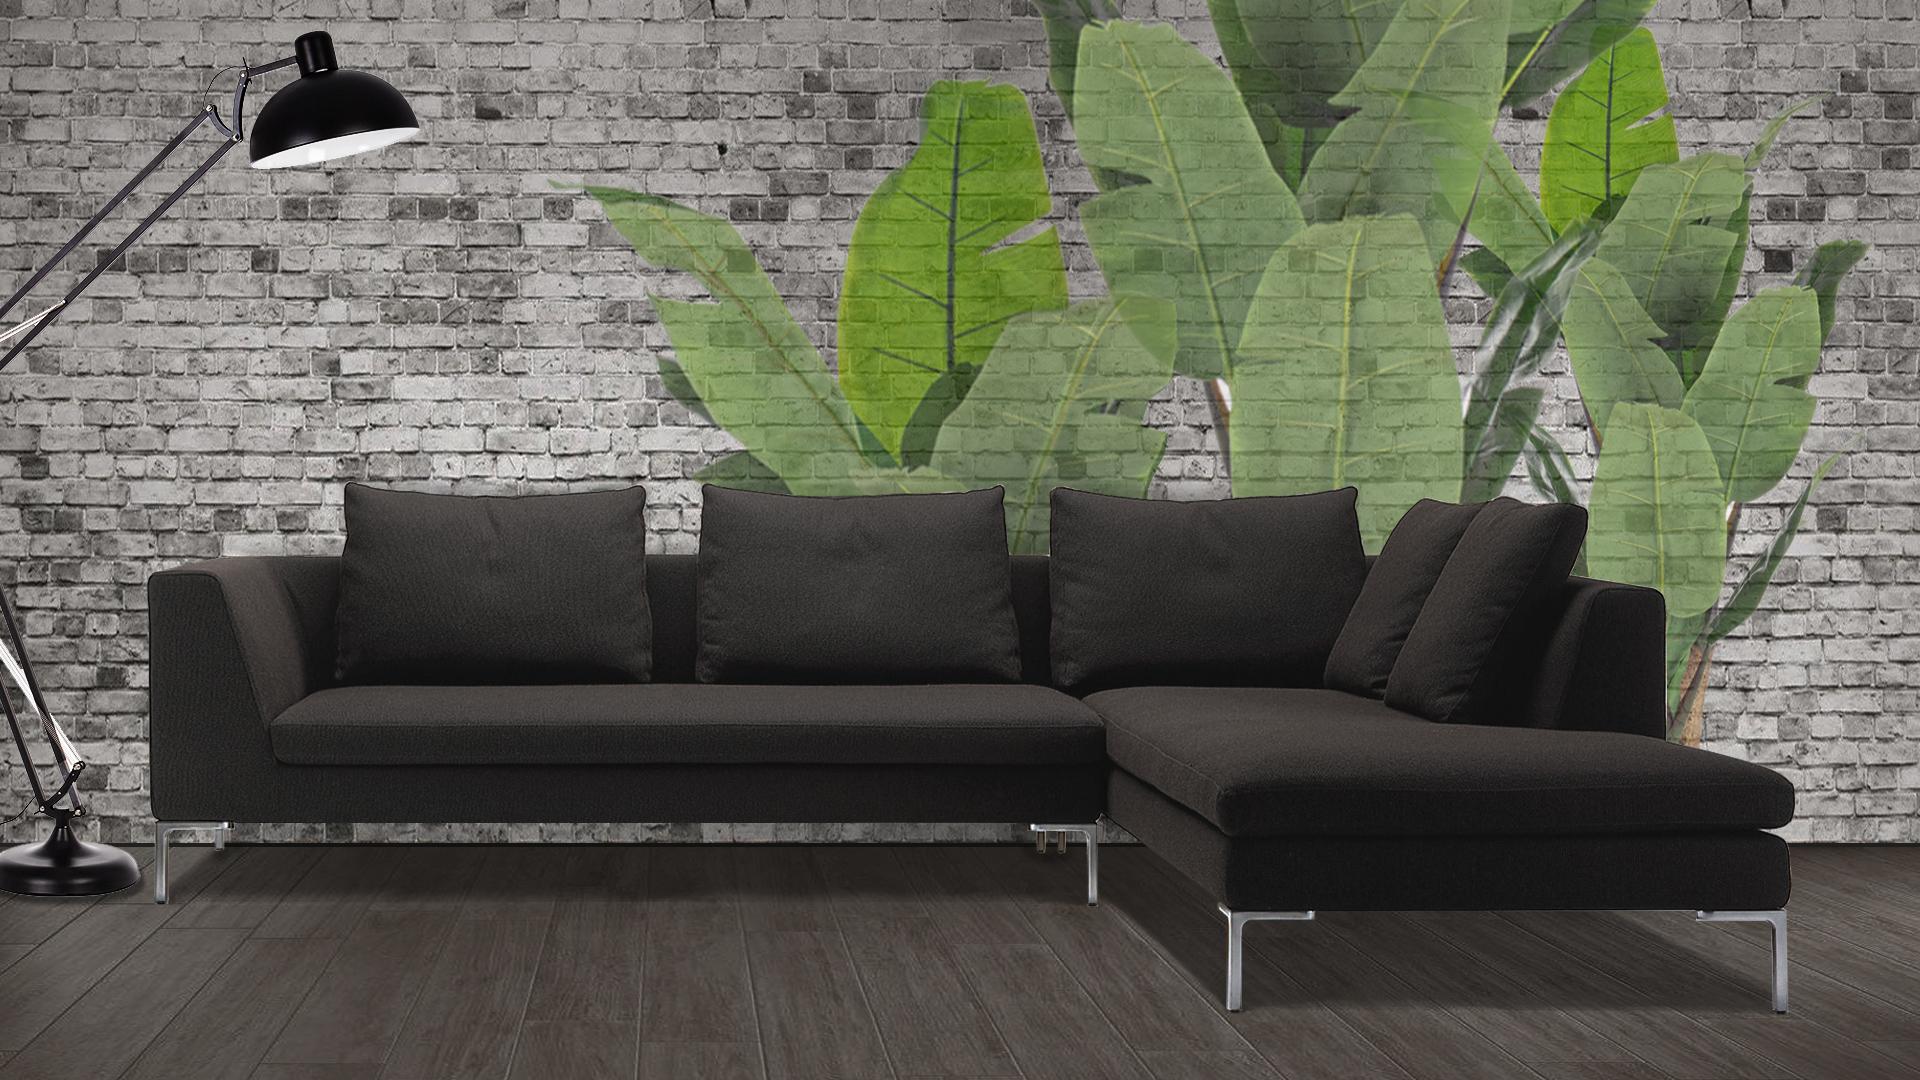 divano-angolare-rialzato-murtarelli-01